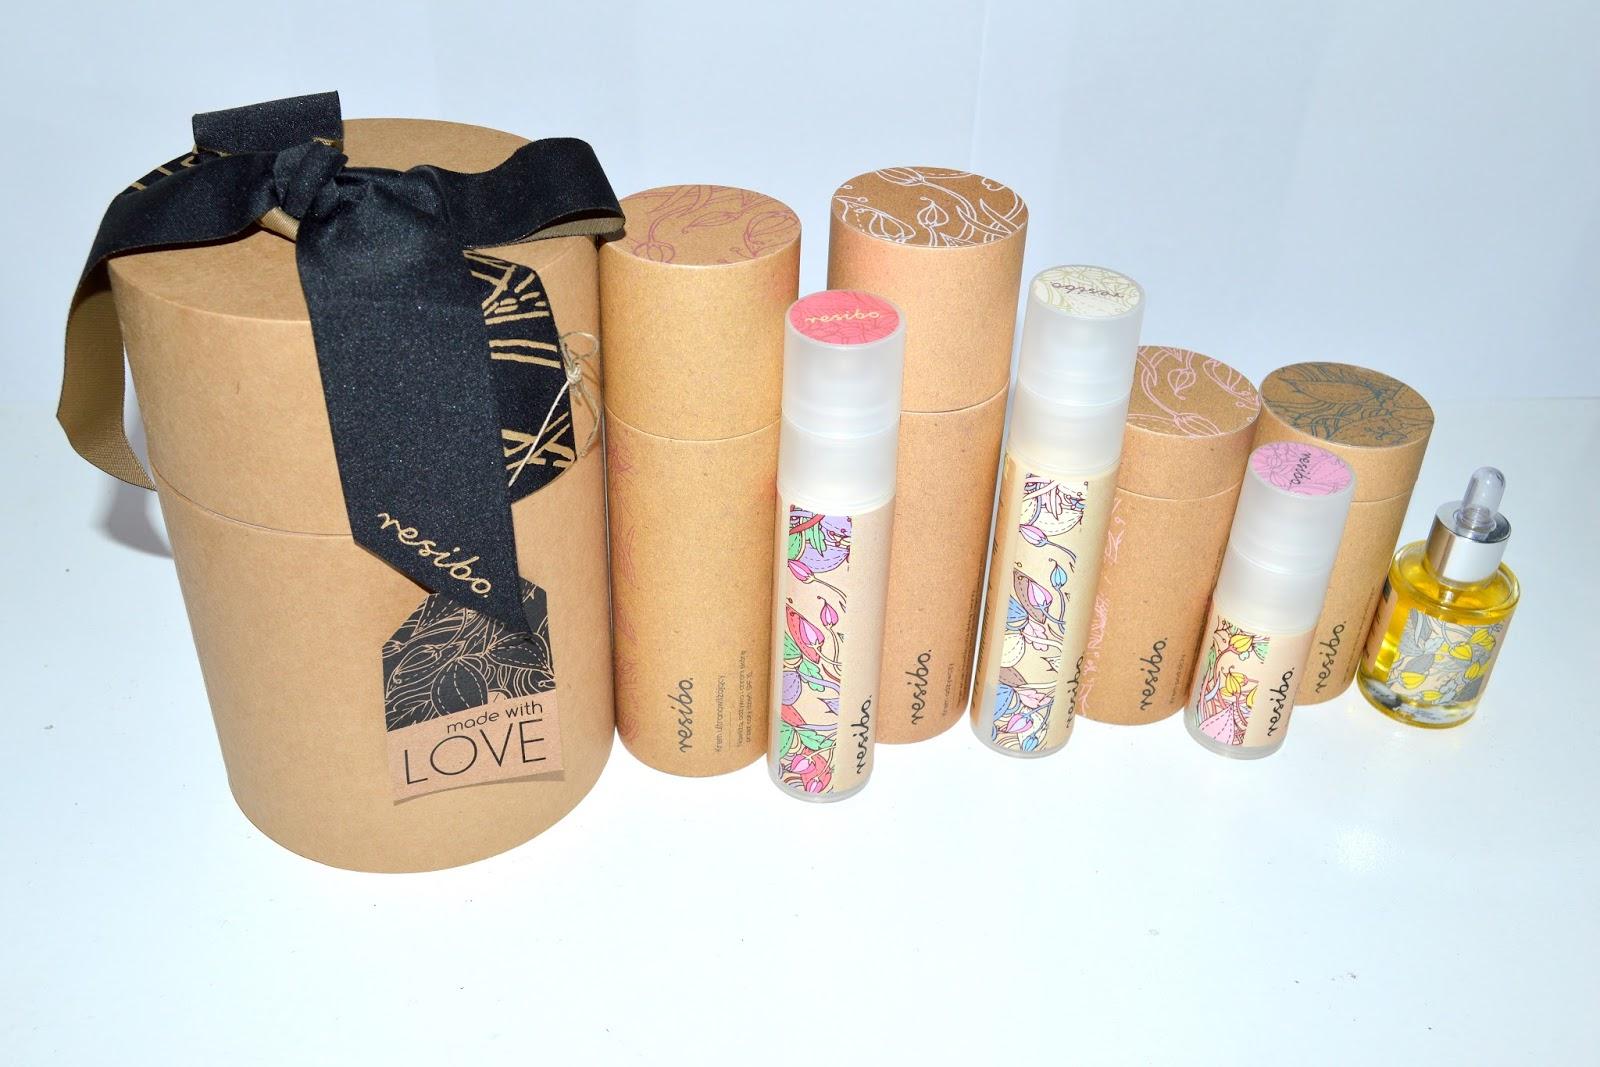 kosmetyki resibo, jakubowy blog.